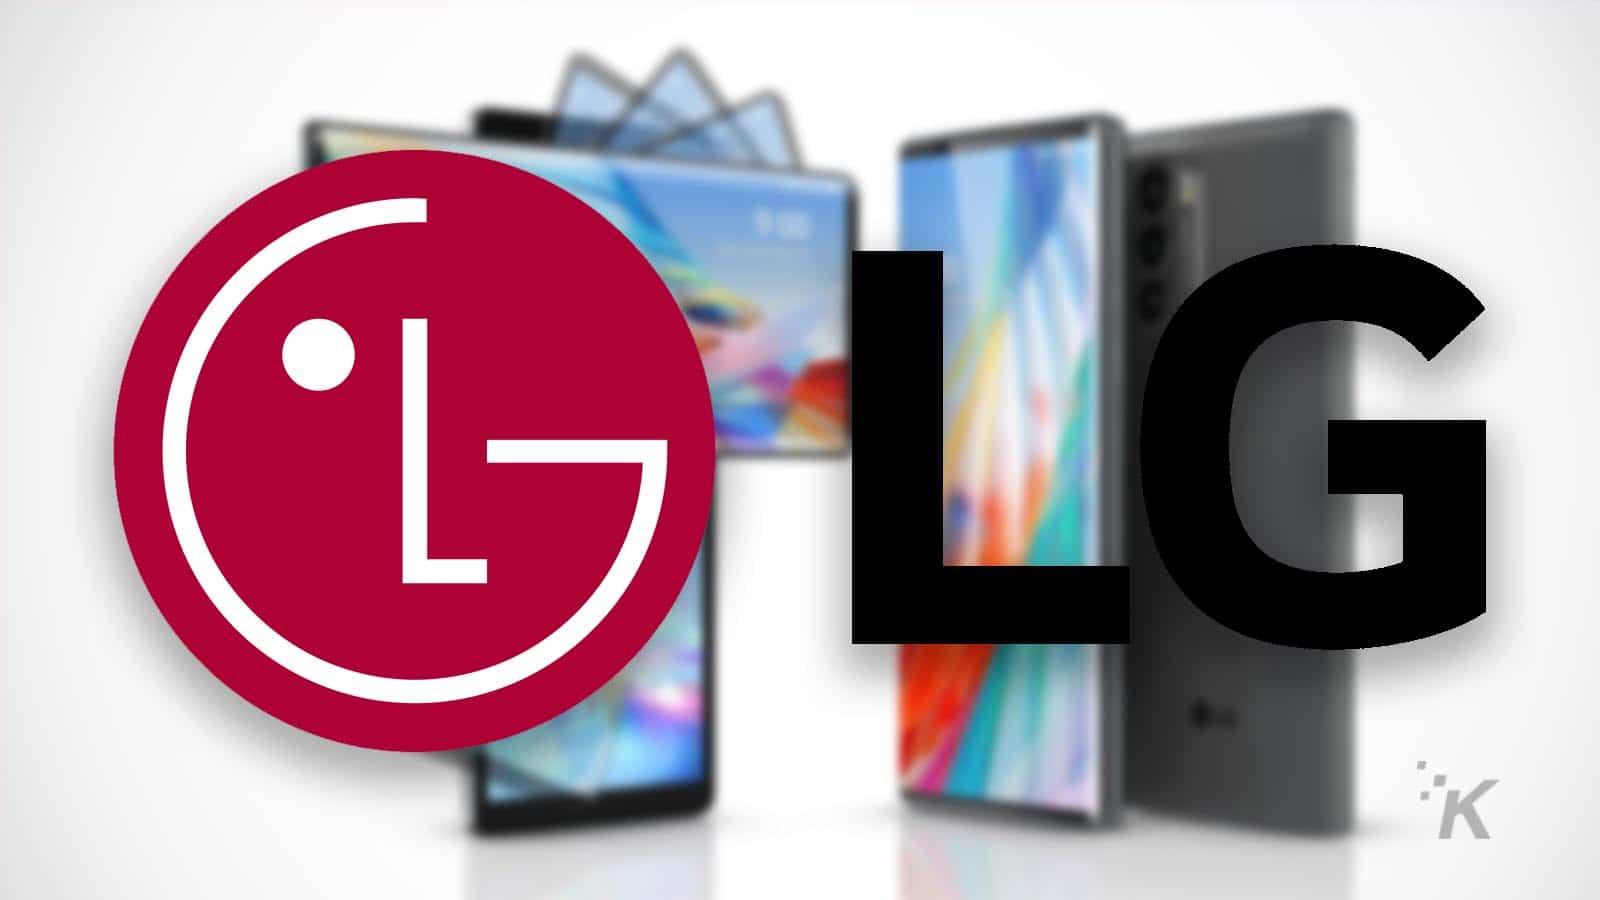 LG có thể rời khỏi thị trường điện thoại thông minh trong năm tới 5